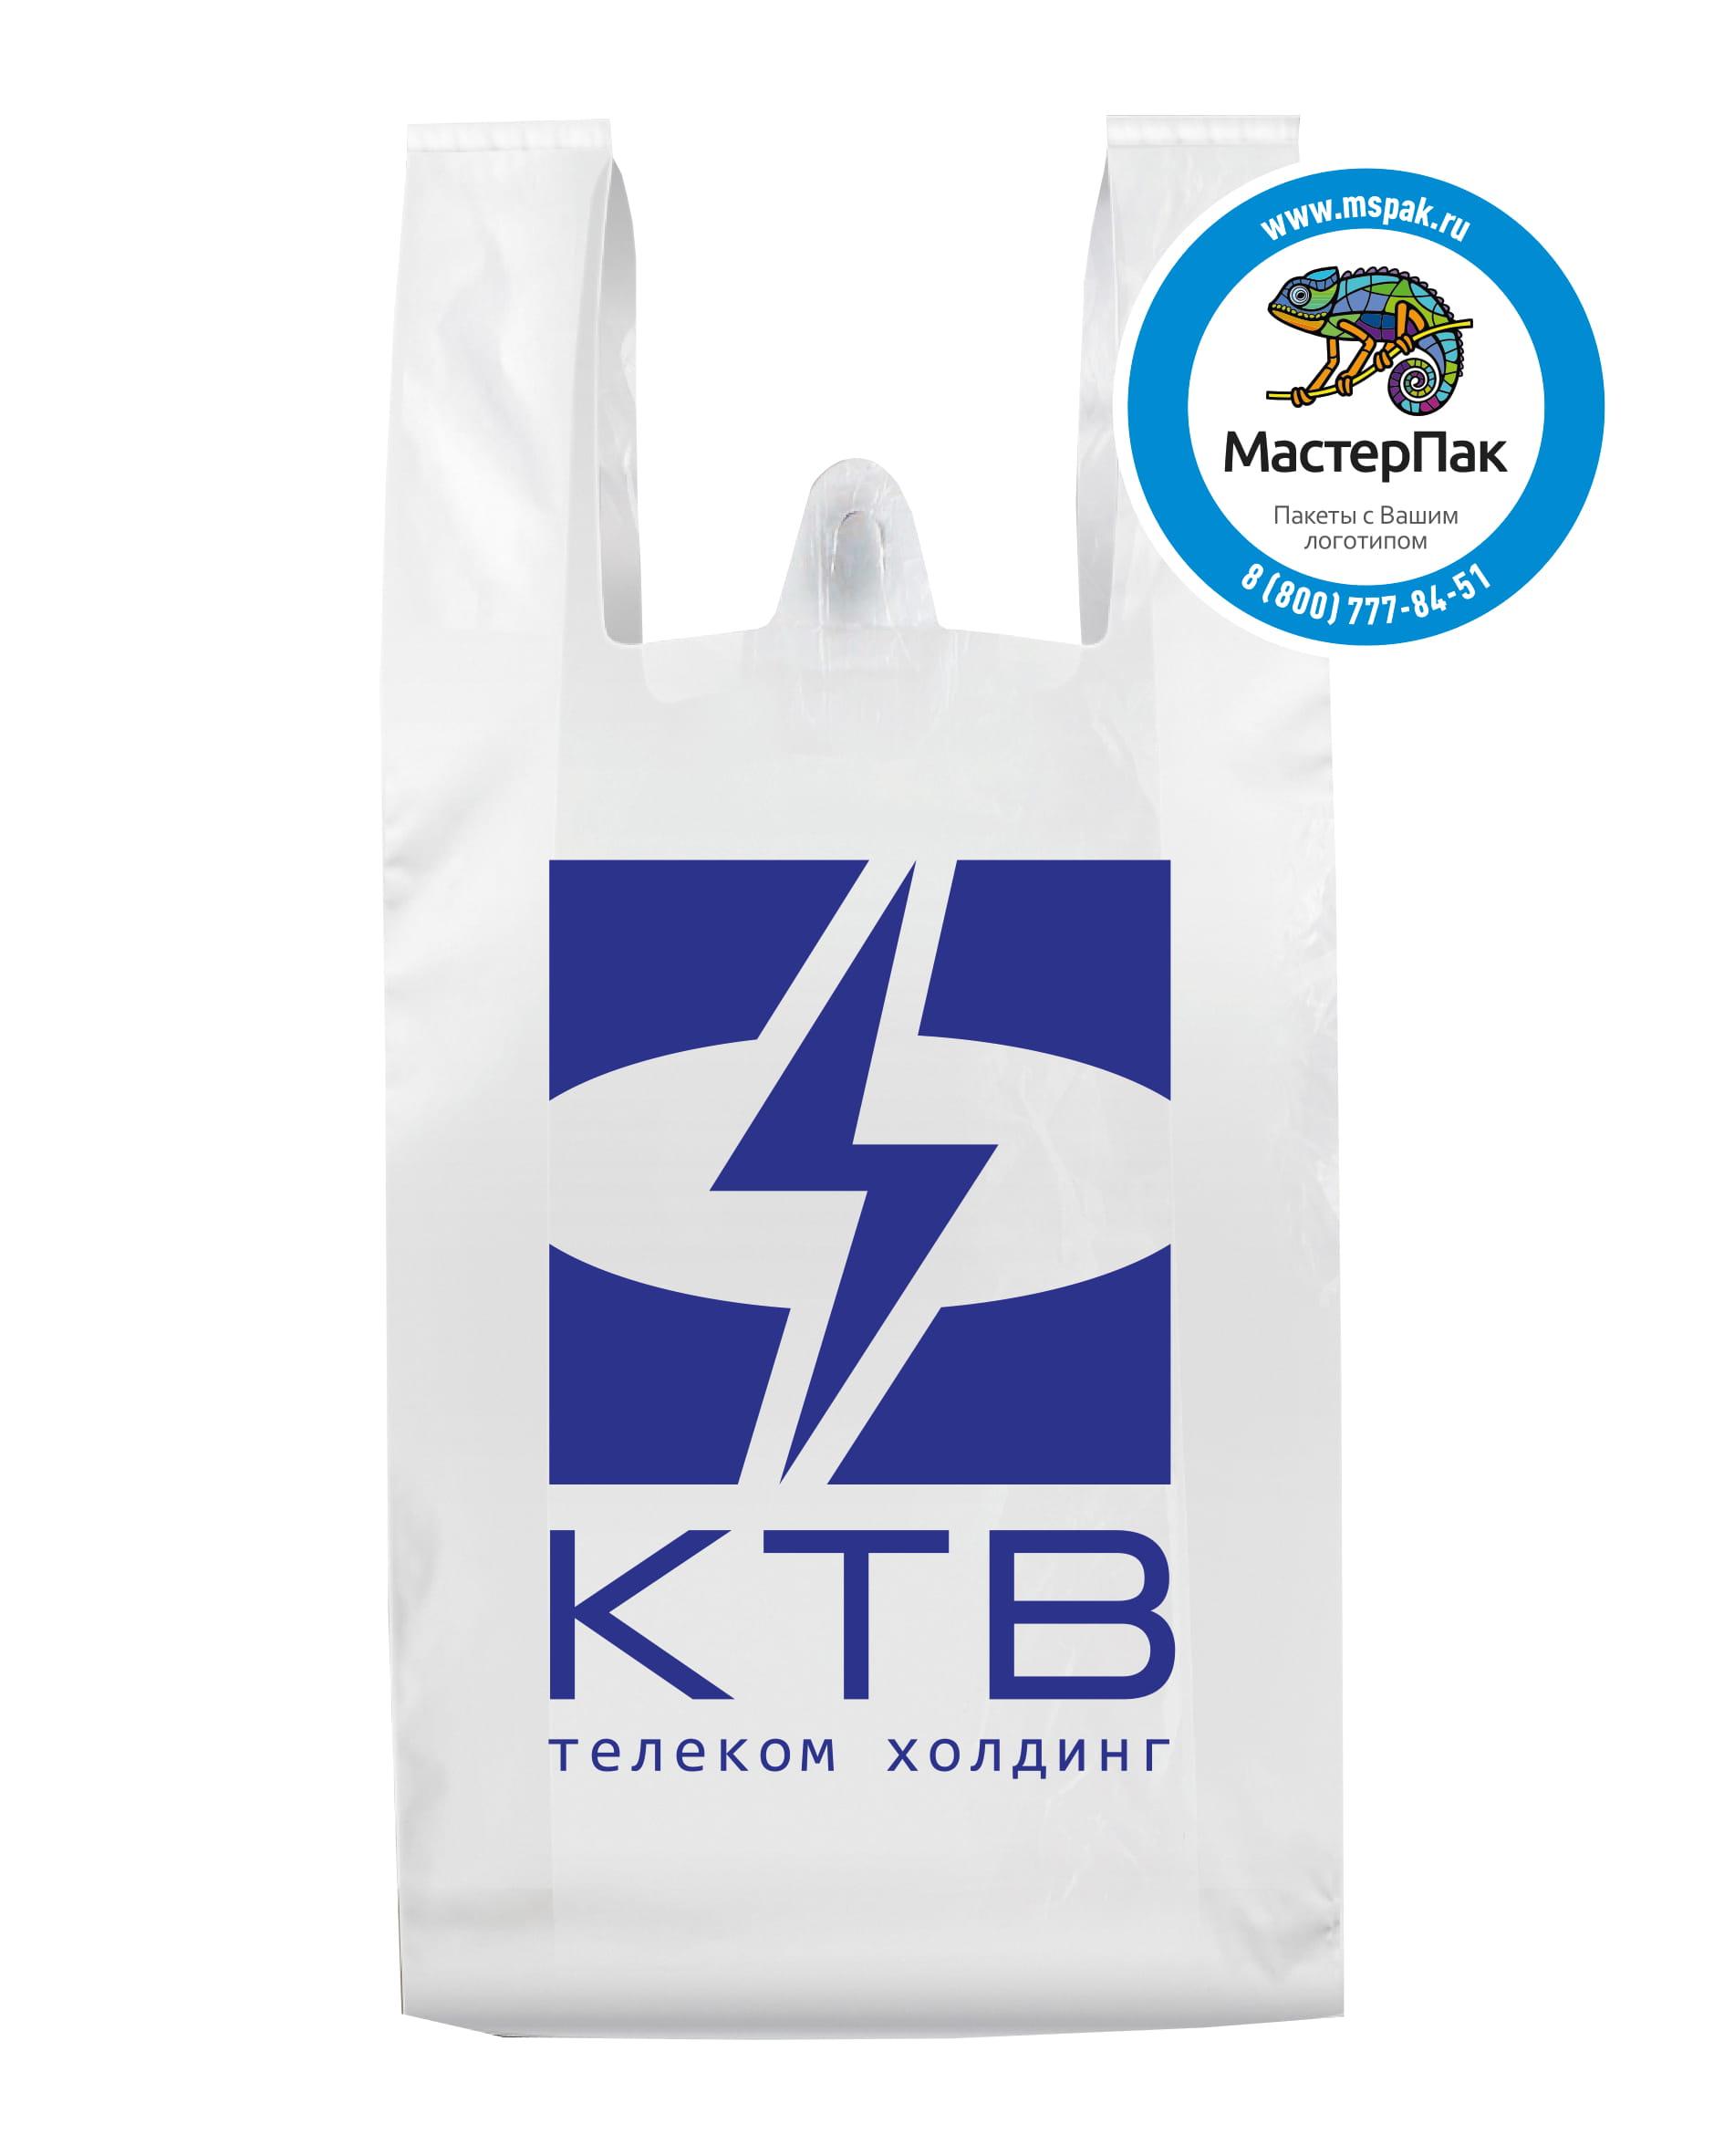 Пакет-майка ПВД, белый, с логотипом КТВ Телеком, 25 мкм, 40*60, Москва